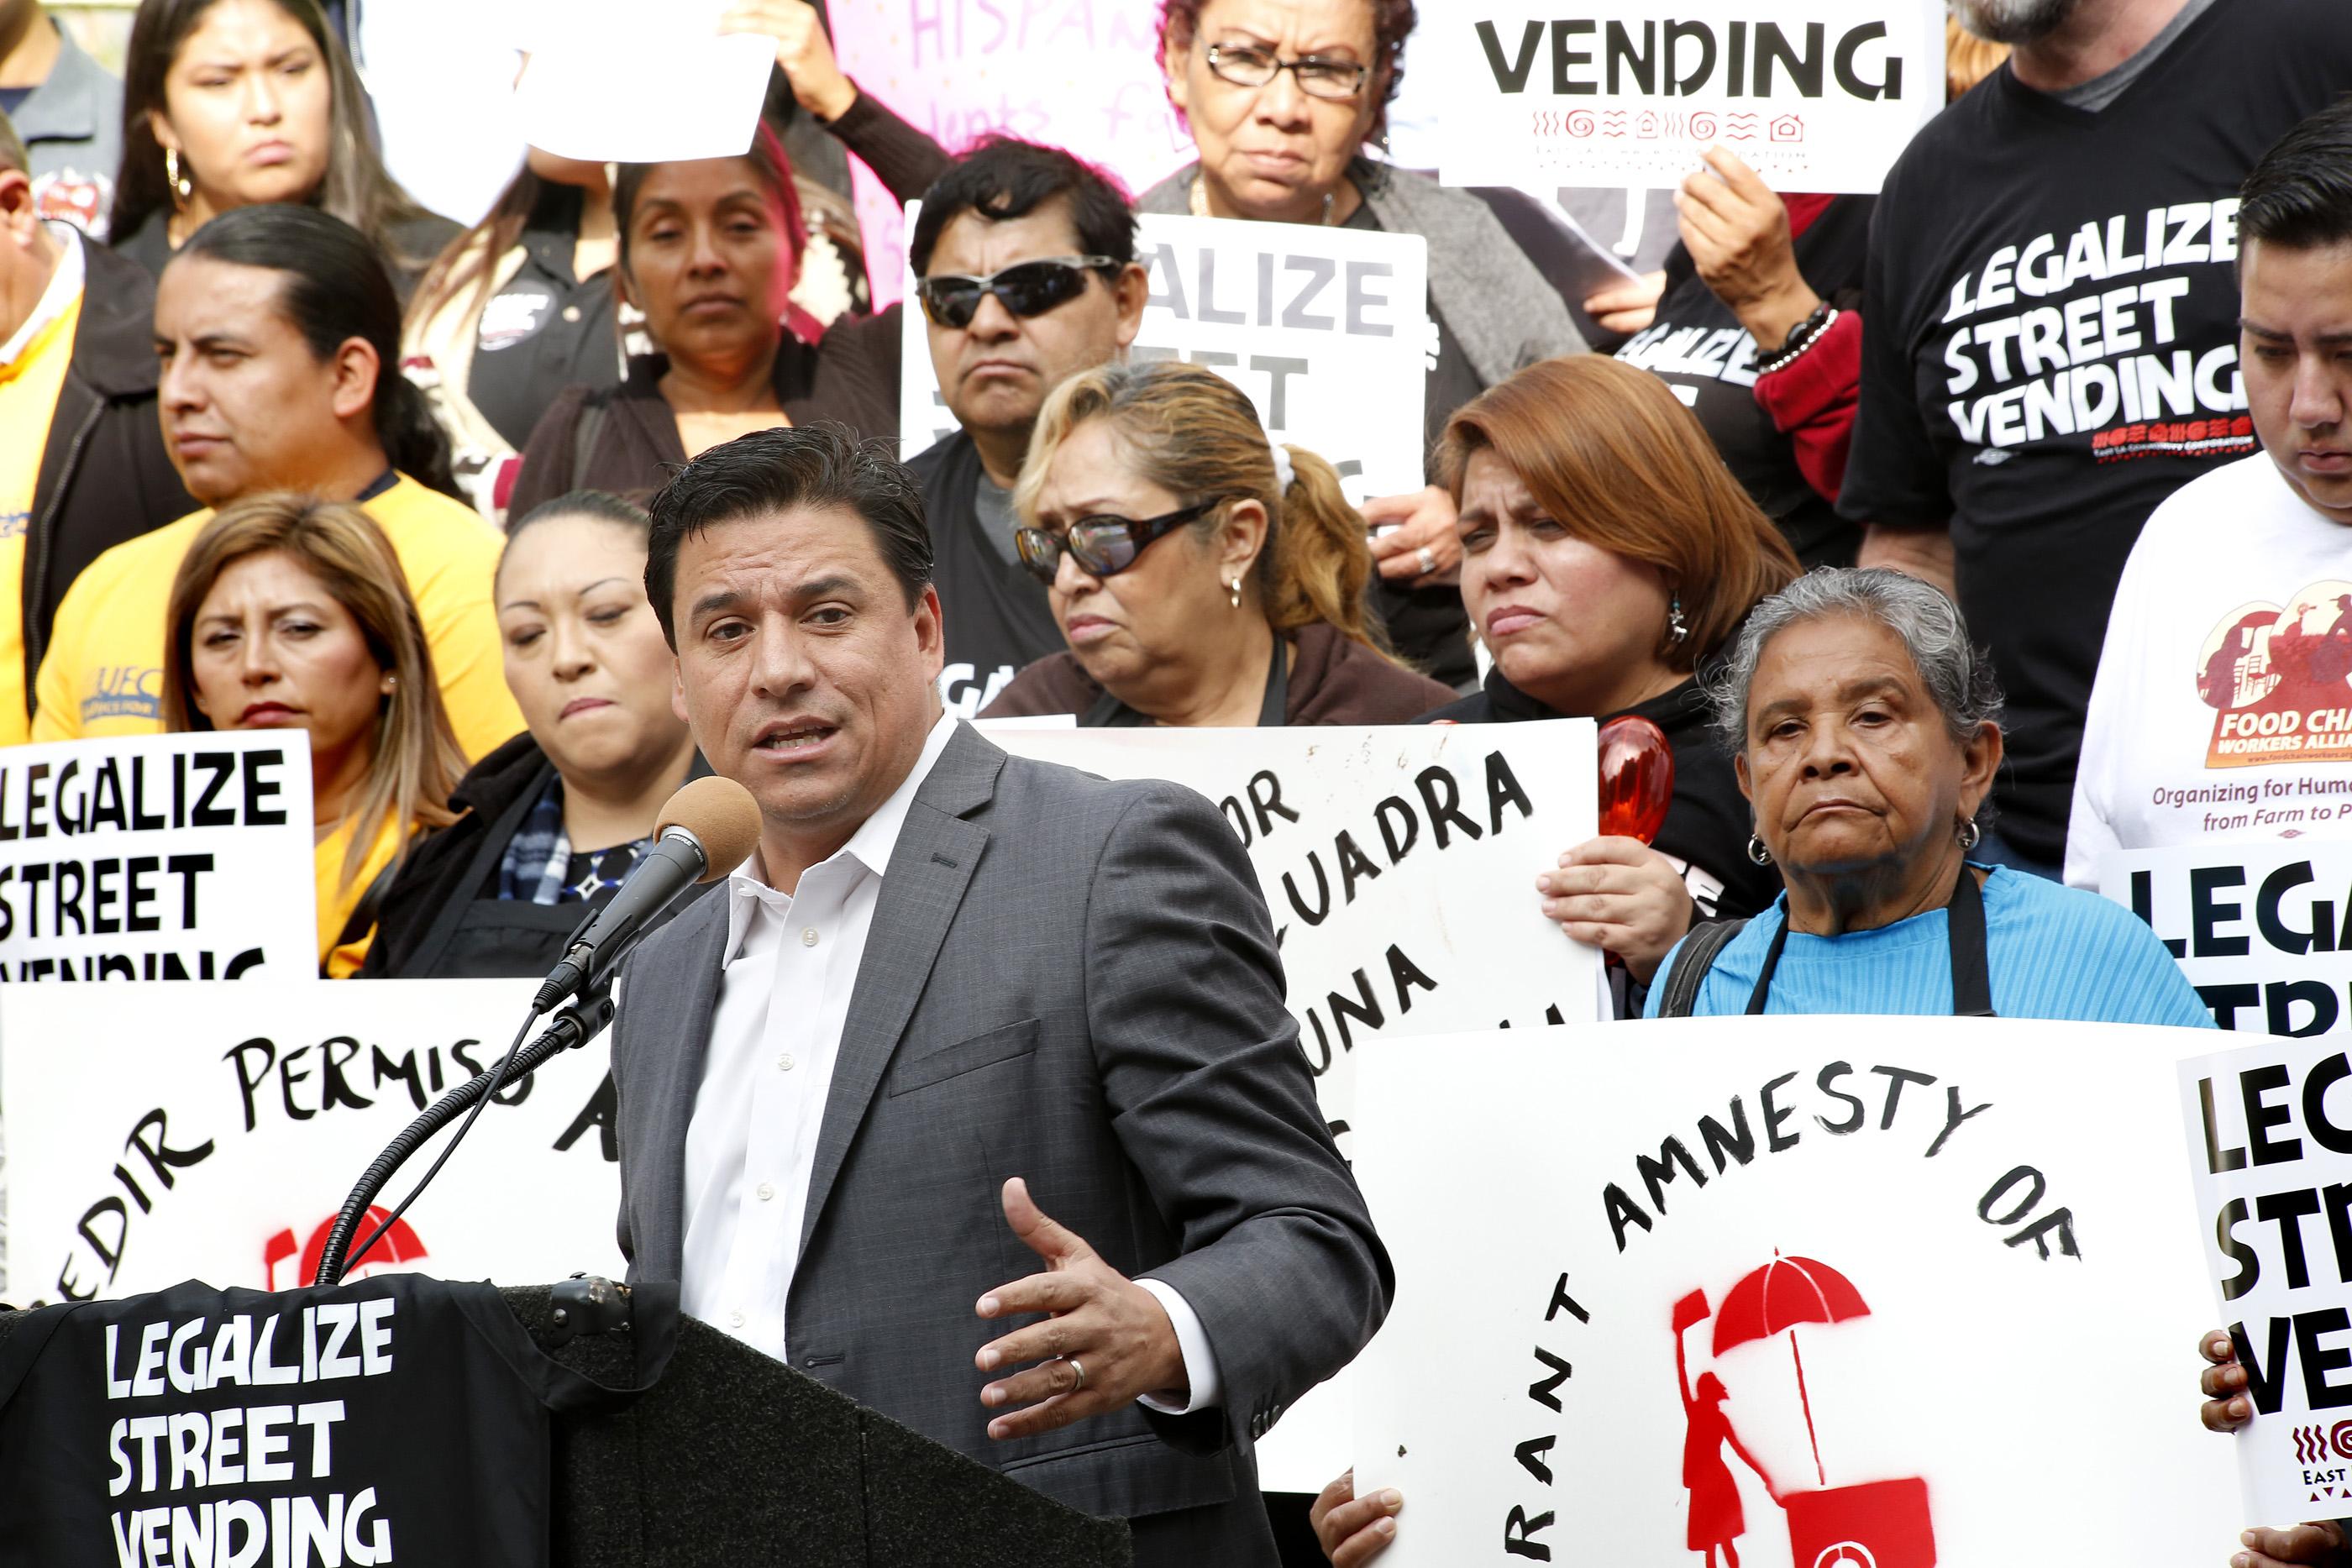 El concejal José Huizar recalcó la importancia de llegar a un acuerdo que beneficie tanto a los vendedores ambulantes como a los pequeños comerciantes (Foto: Aurelia Ventura/La Opinión)